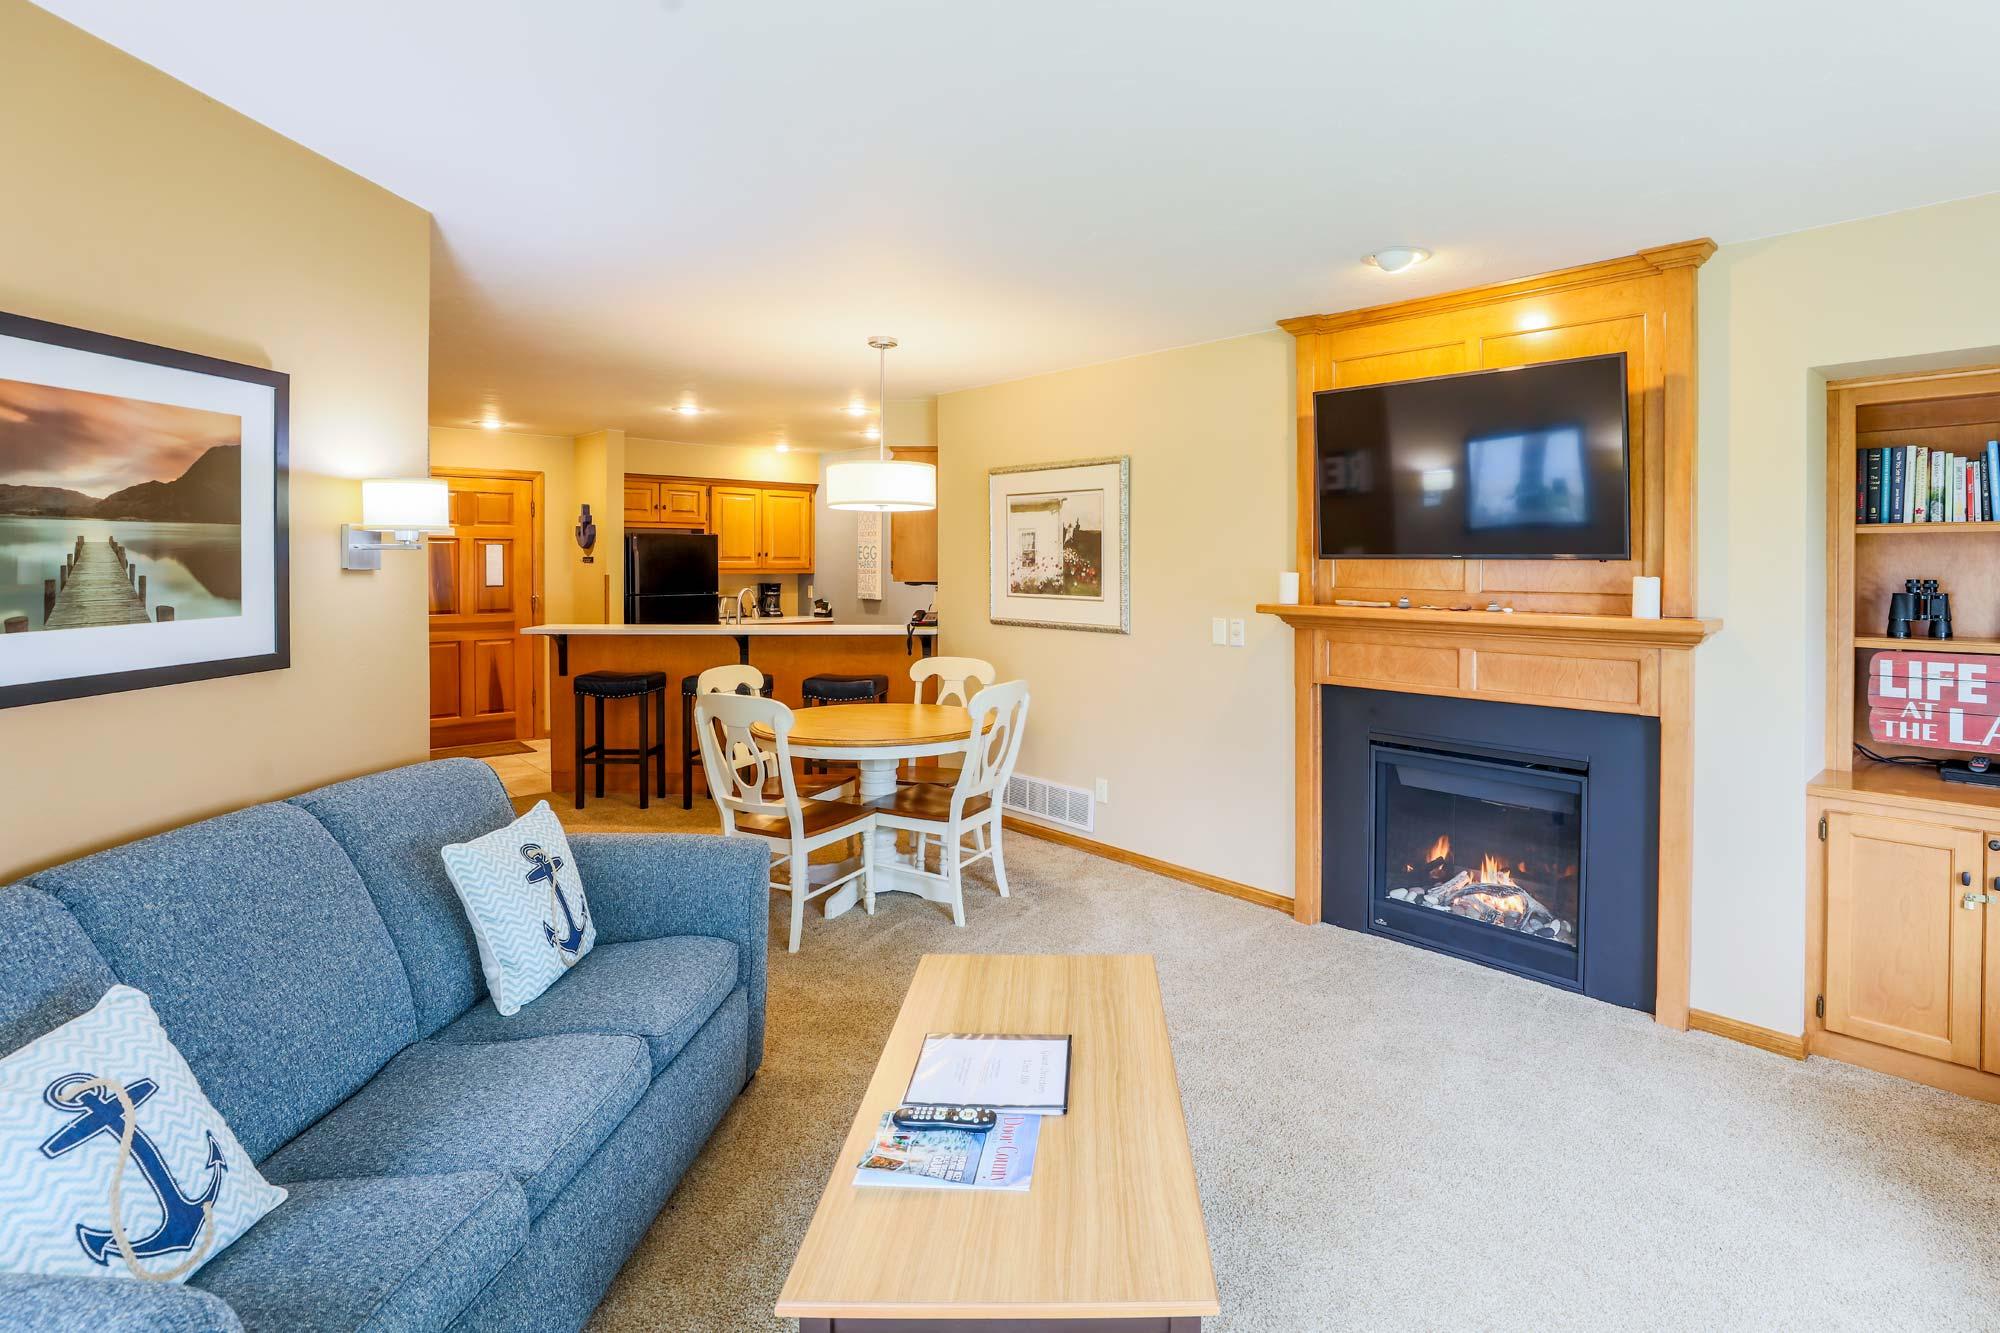 One Bedroom Living Room of Glidden Lodge, one of the Best Door County Hotels